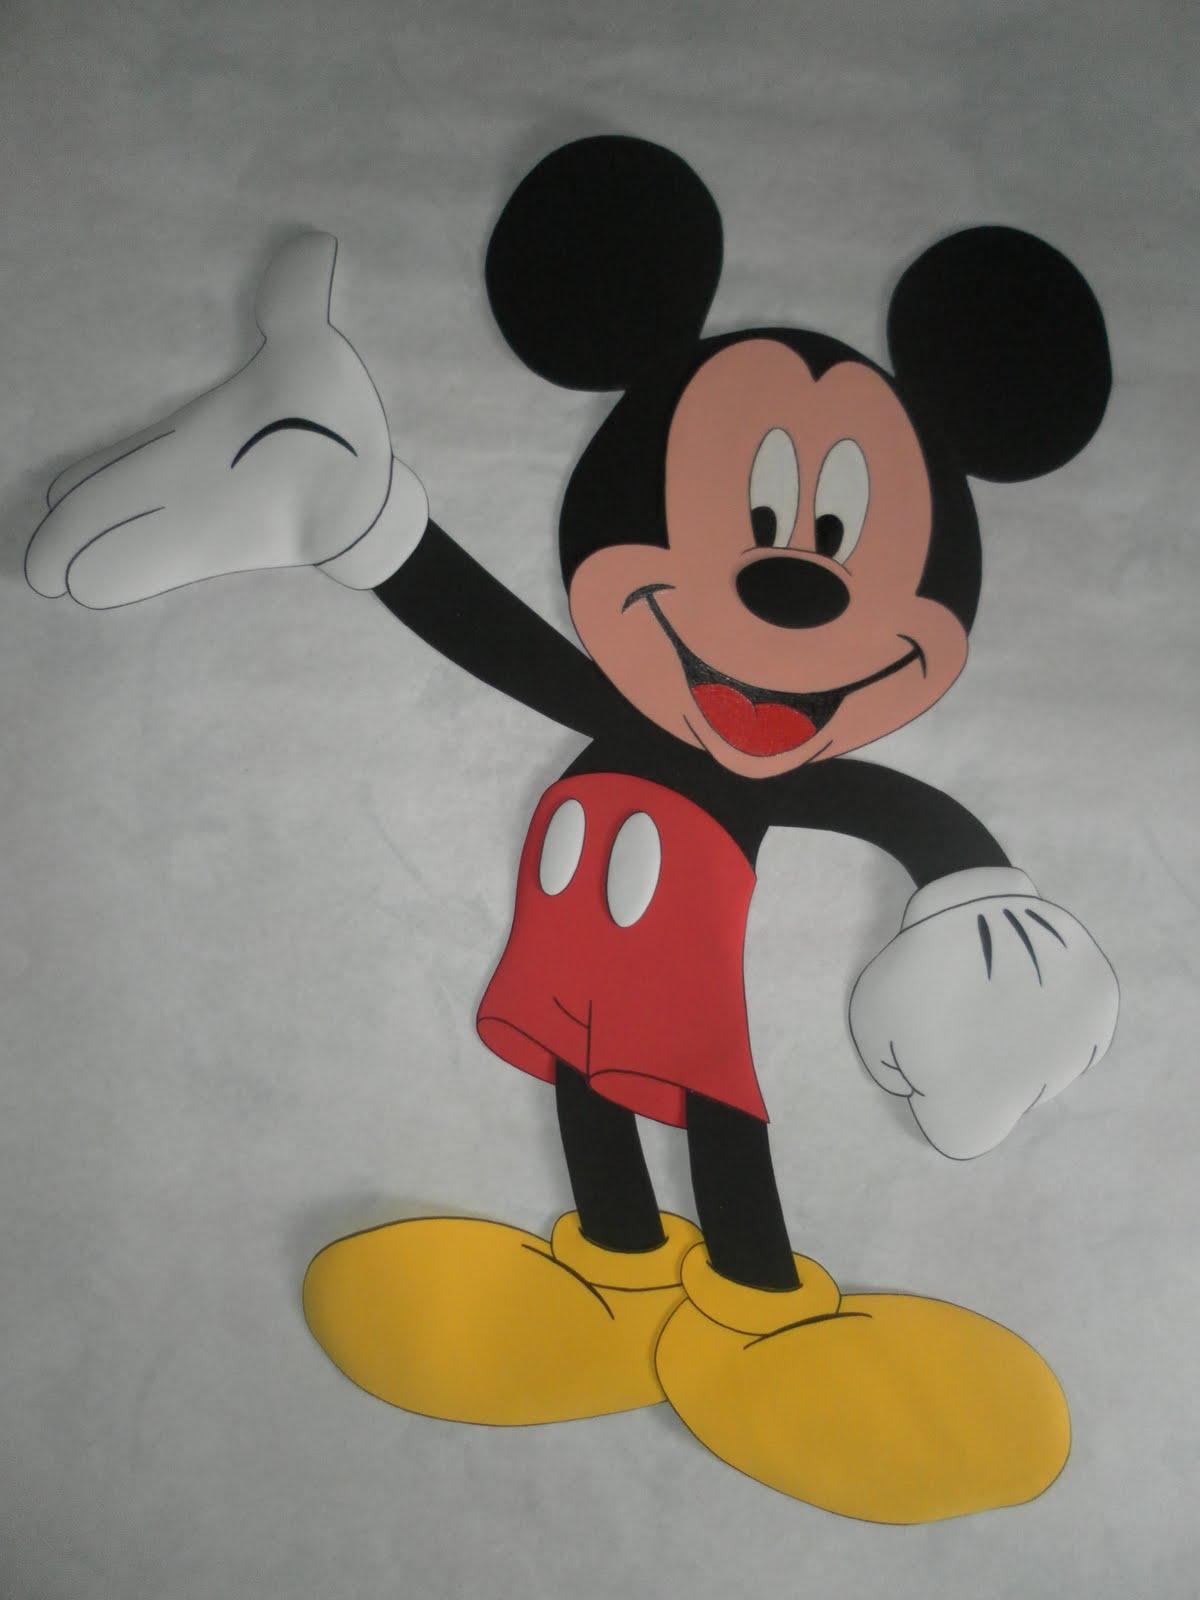 Arte en Foami: Mikey y minnie mouse en tamaño real